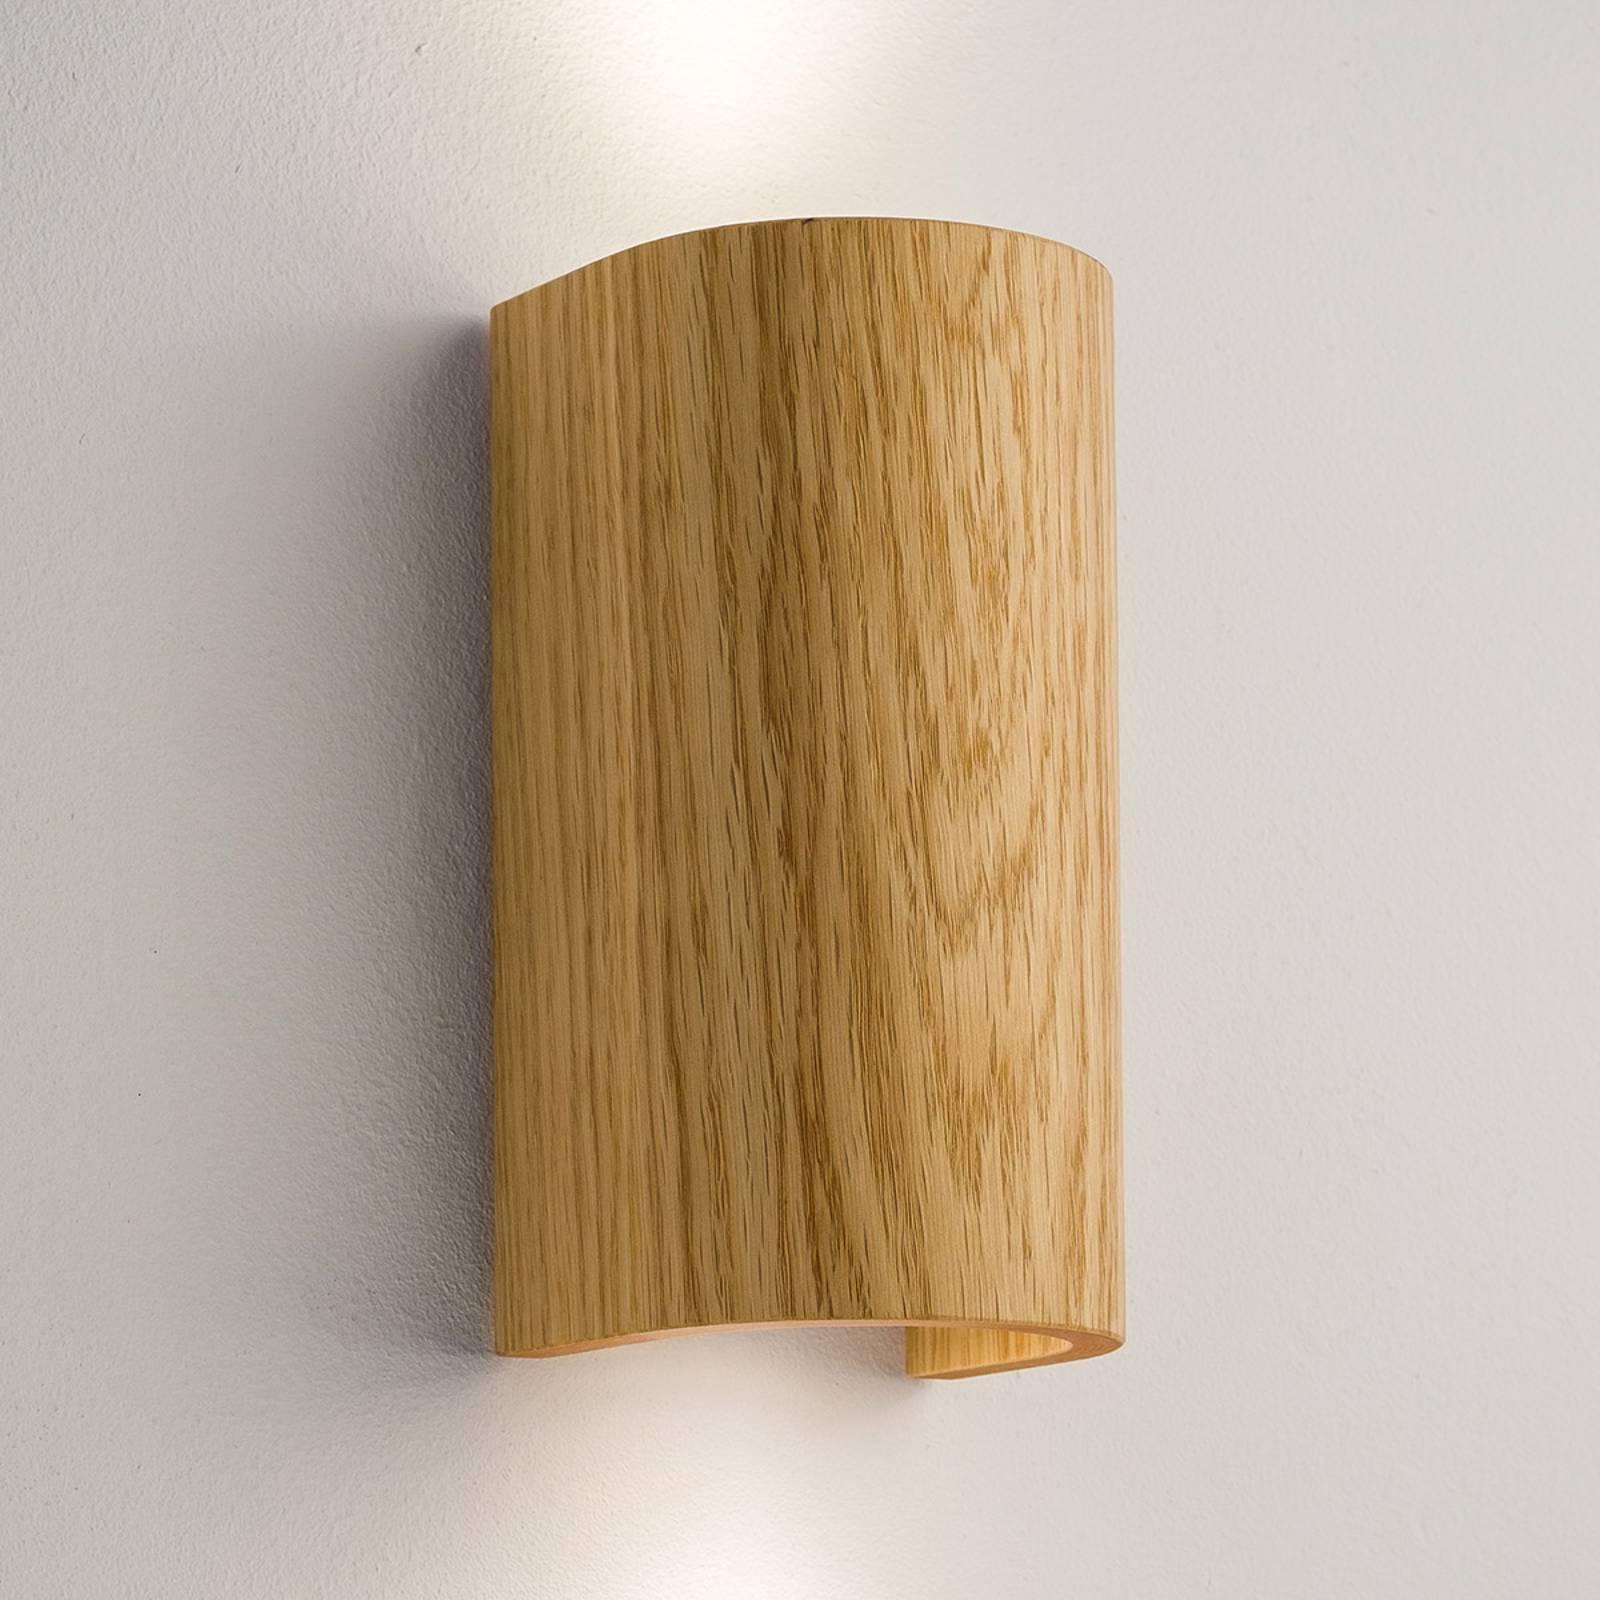 Seinävalaisin Tube tammi, 17,5 cm